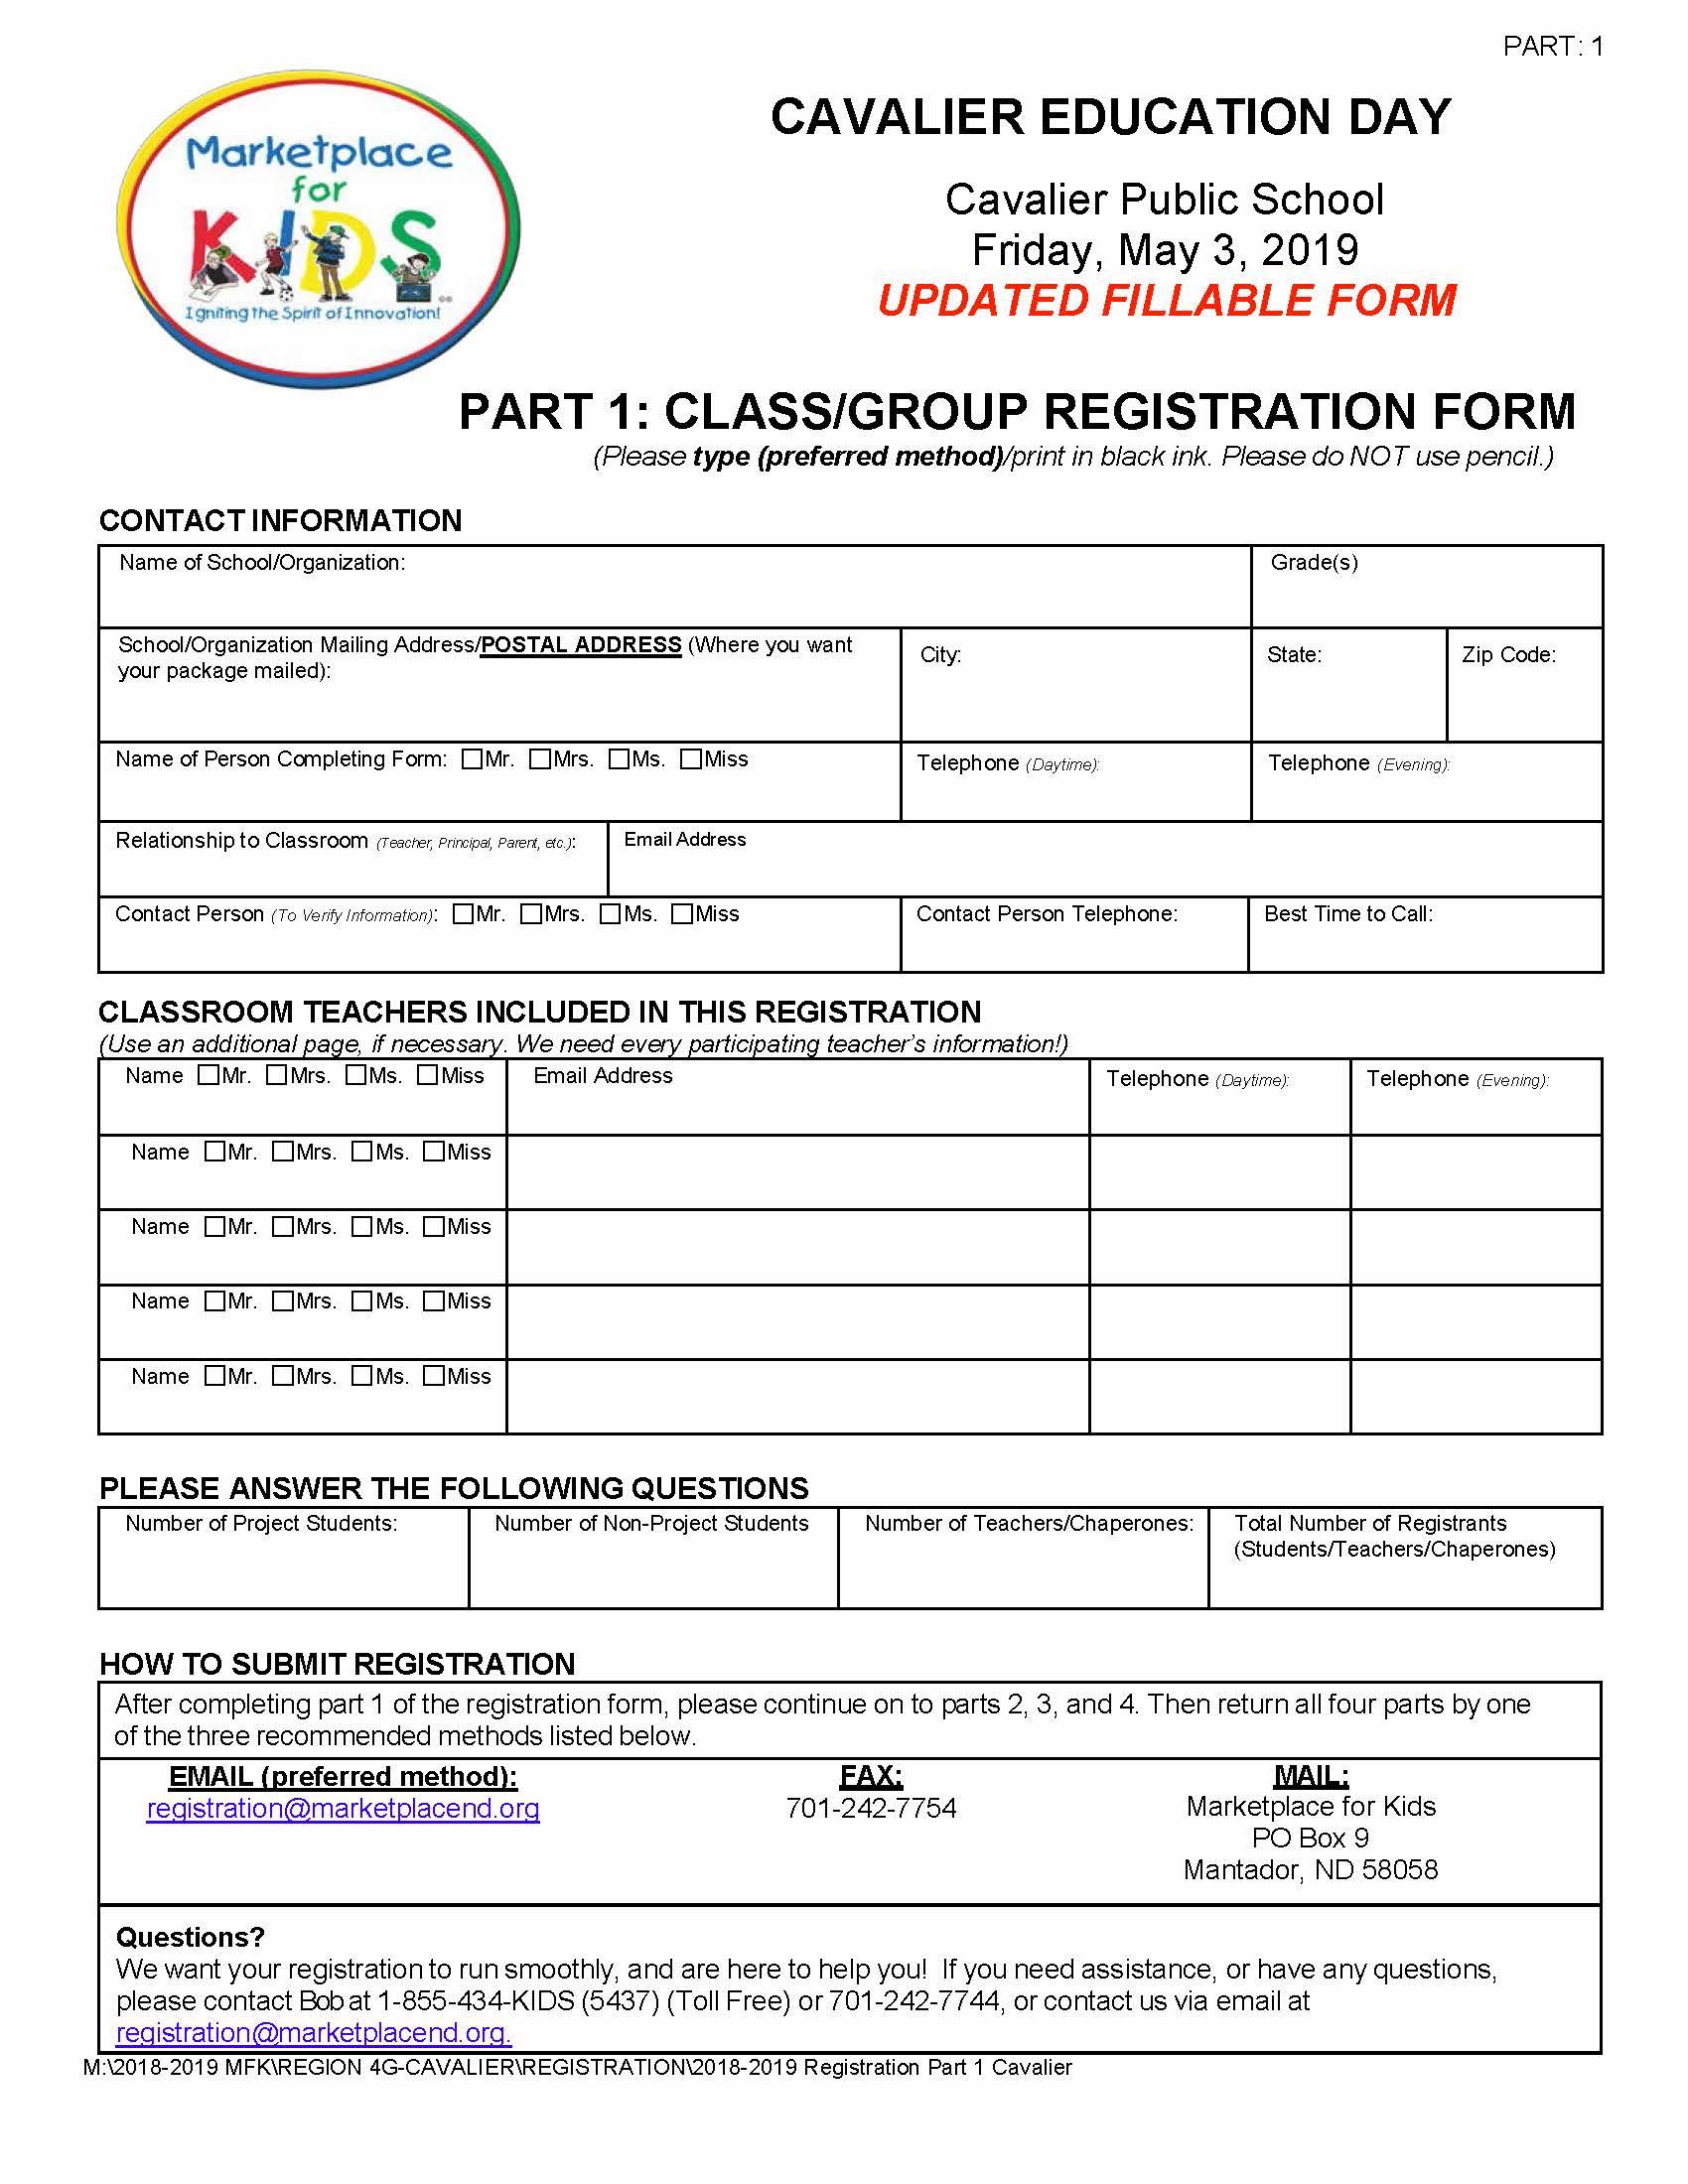 Cavalier Registration Part 1